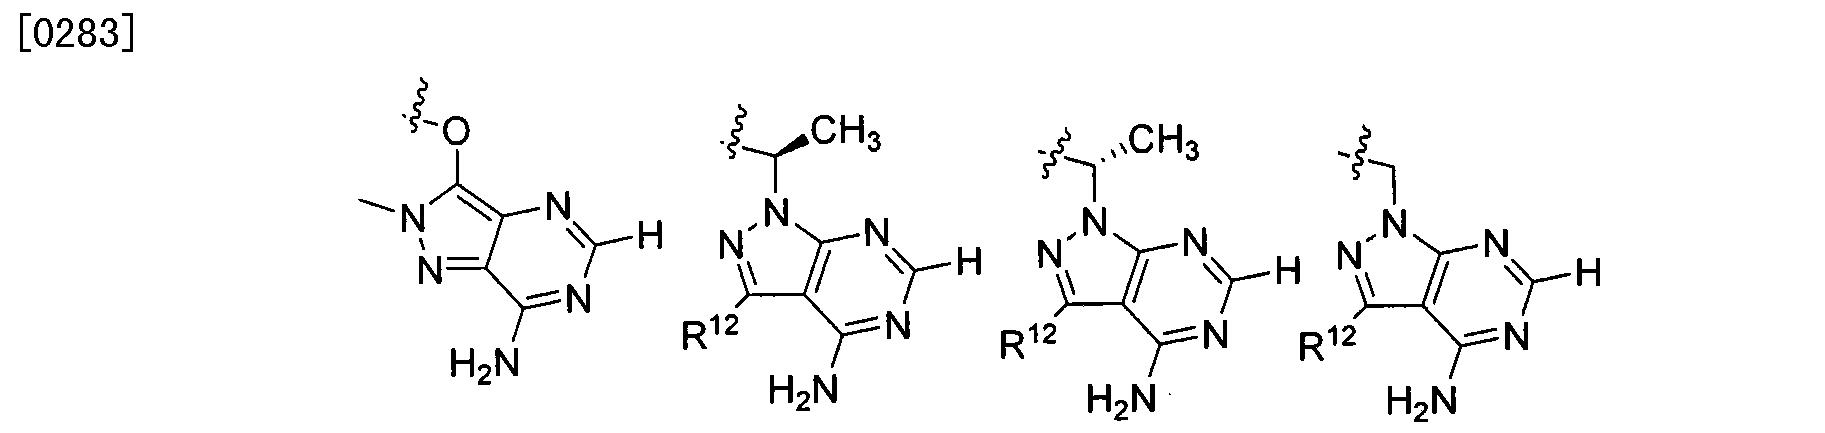 Figure CN101965335BD00354